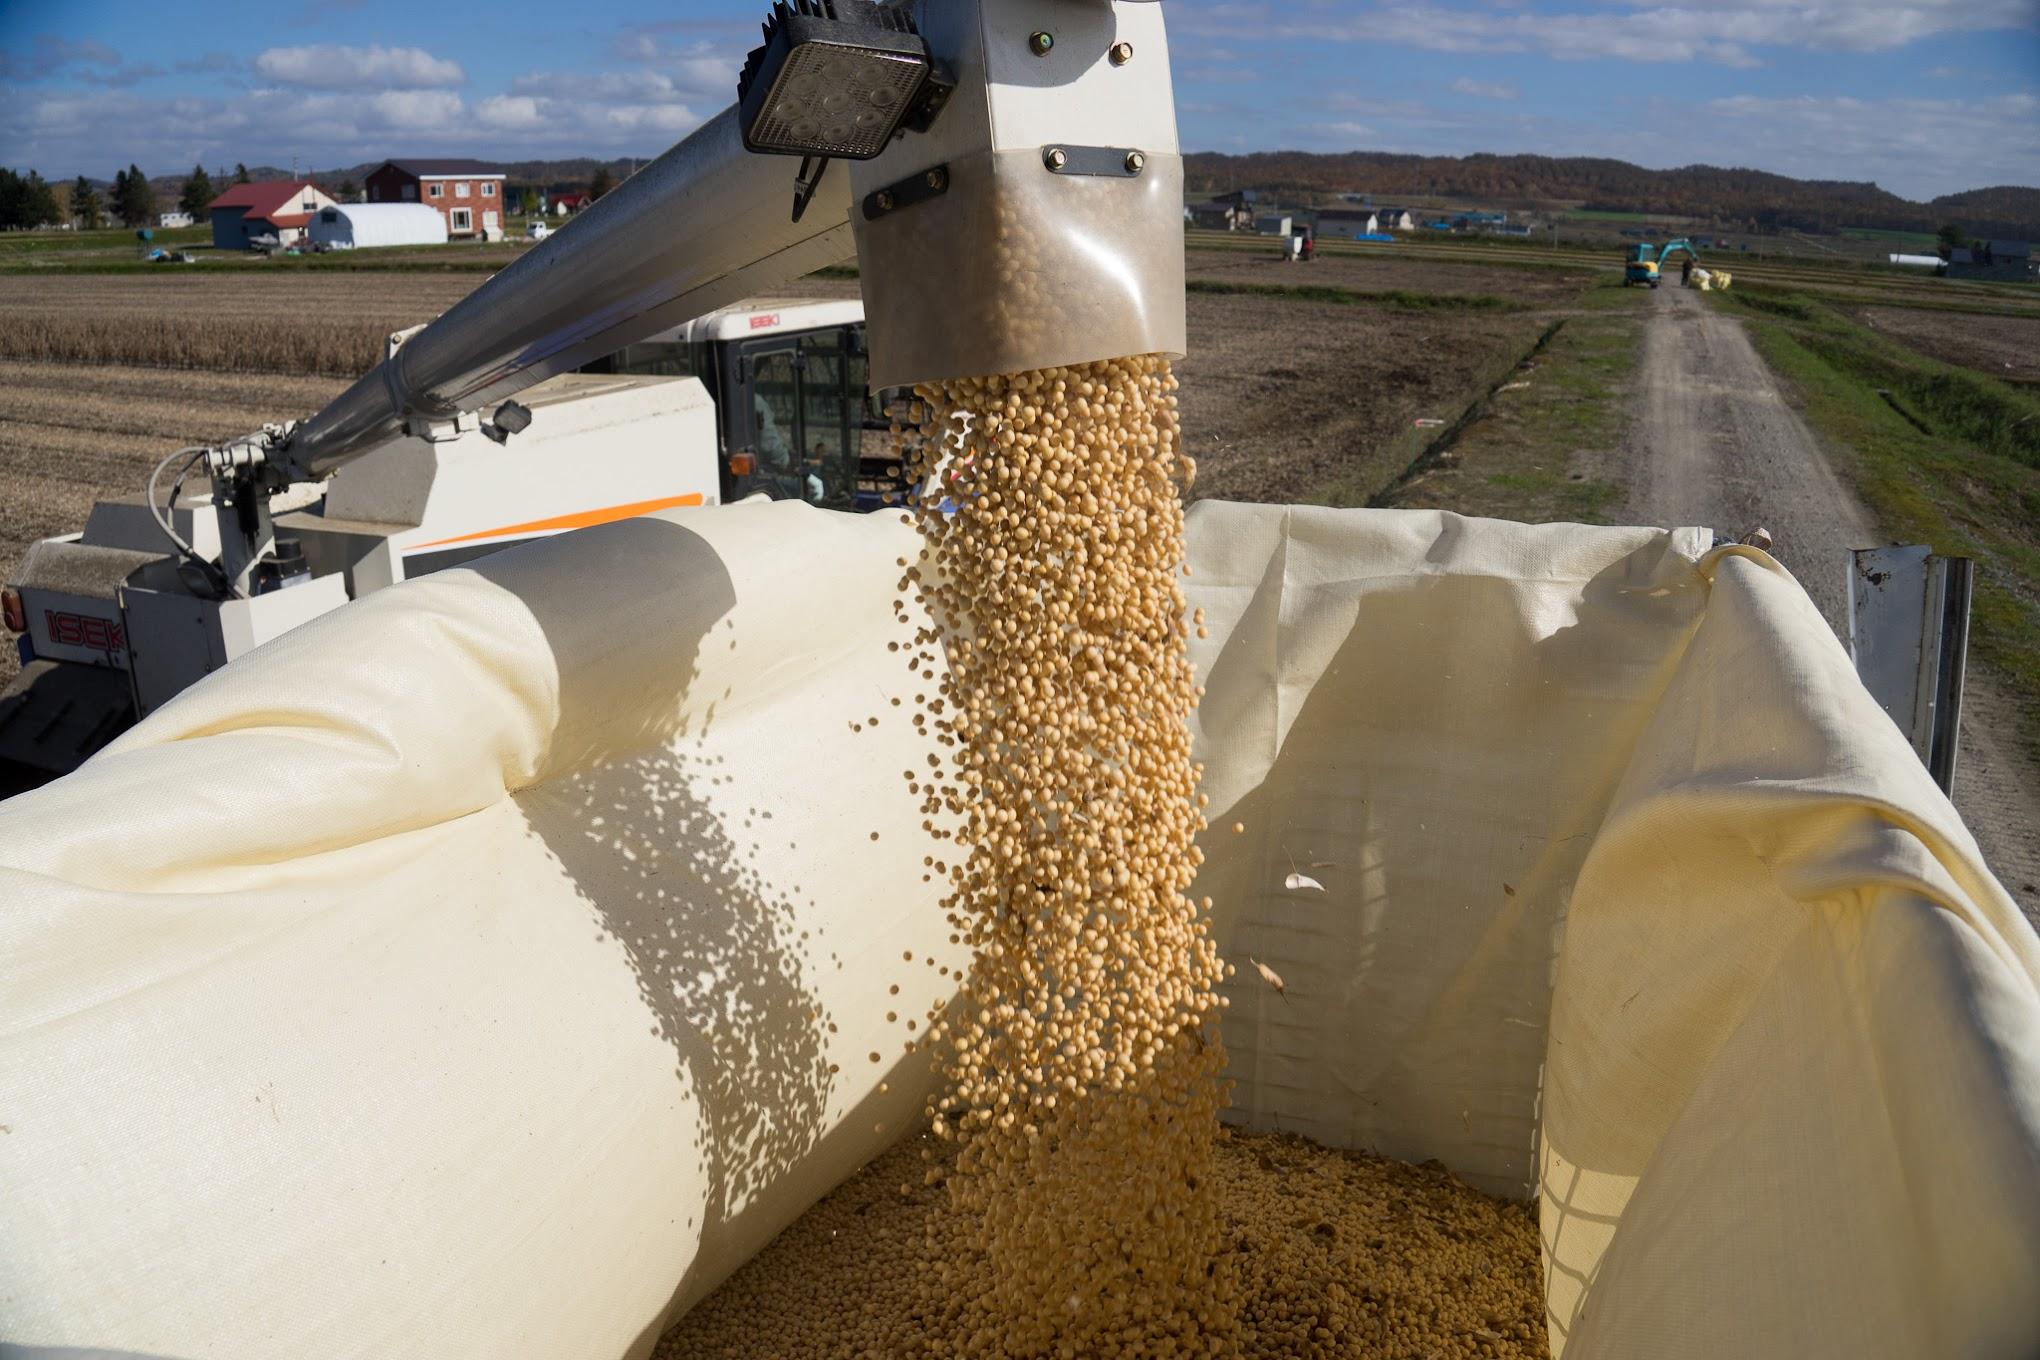 コンバインから運搬車に積み込まれる大豆